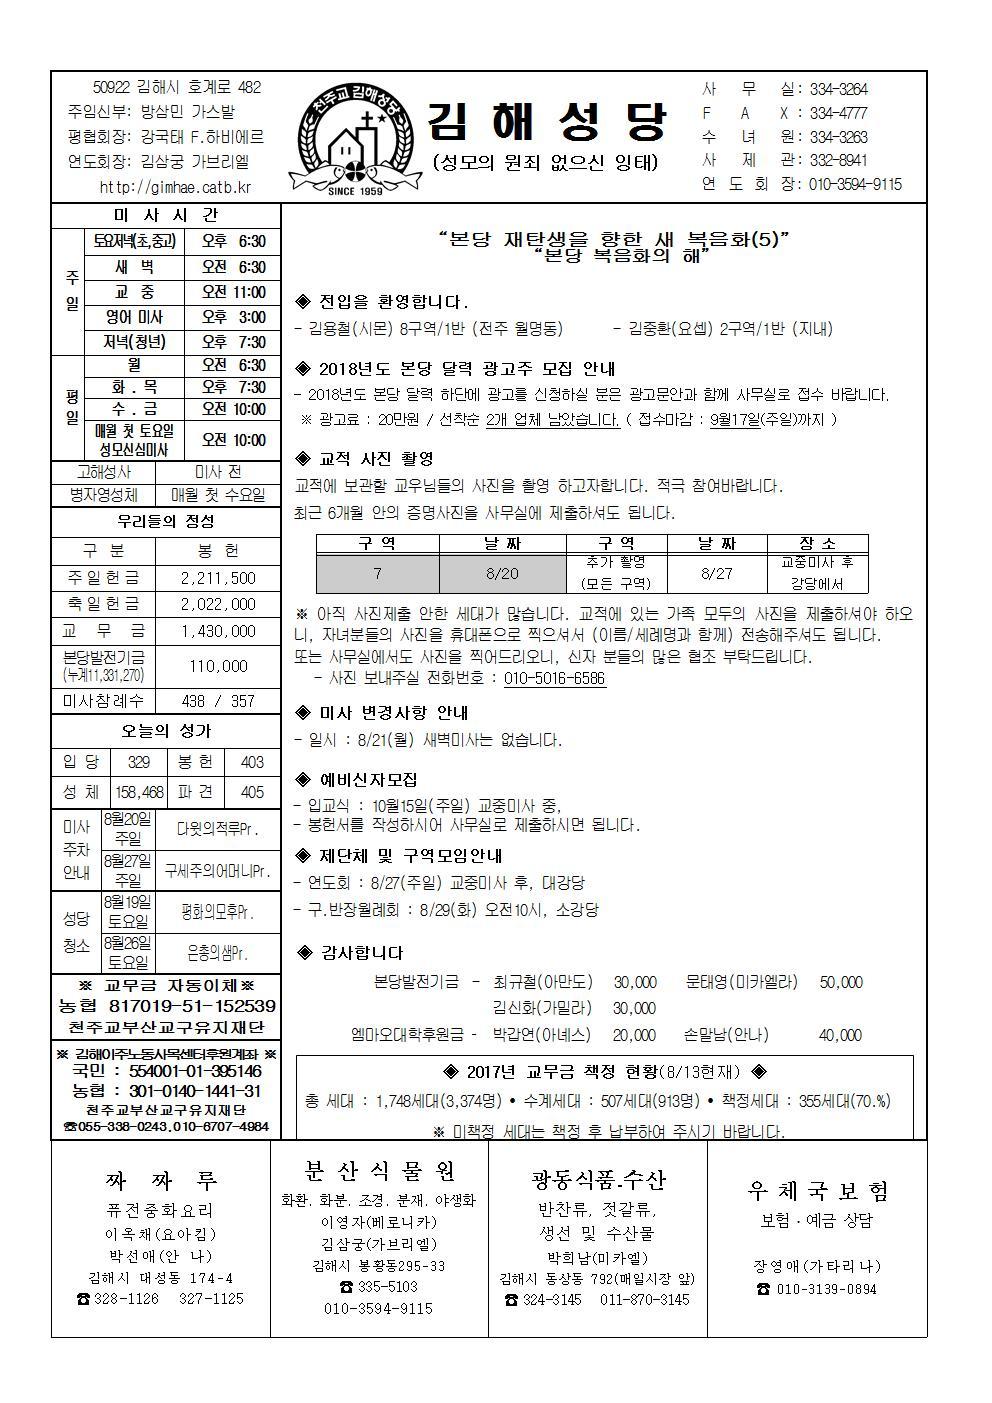 김해20170820001001.jpg